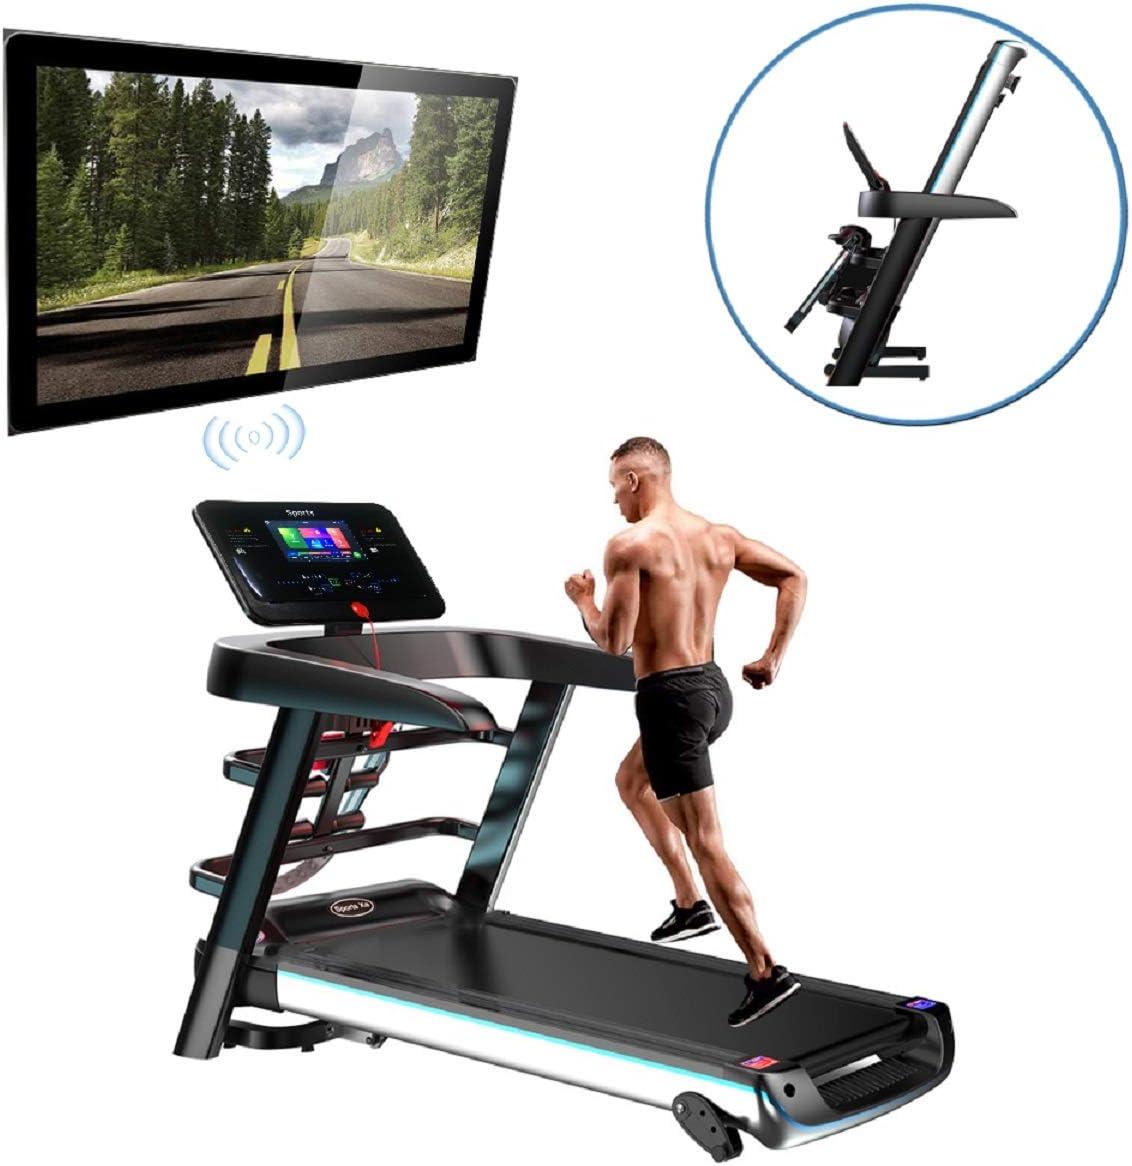 Fitness Club Super Running Machine, Cintas De Correr Plegables, P1-P12, Tres Modos De Cuenta Regresiva, AplicacióN Inteligente/Componentes Multifuncionales, Adecuado para El Hogar, Gimnasio